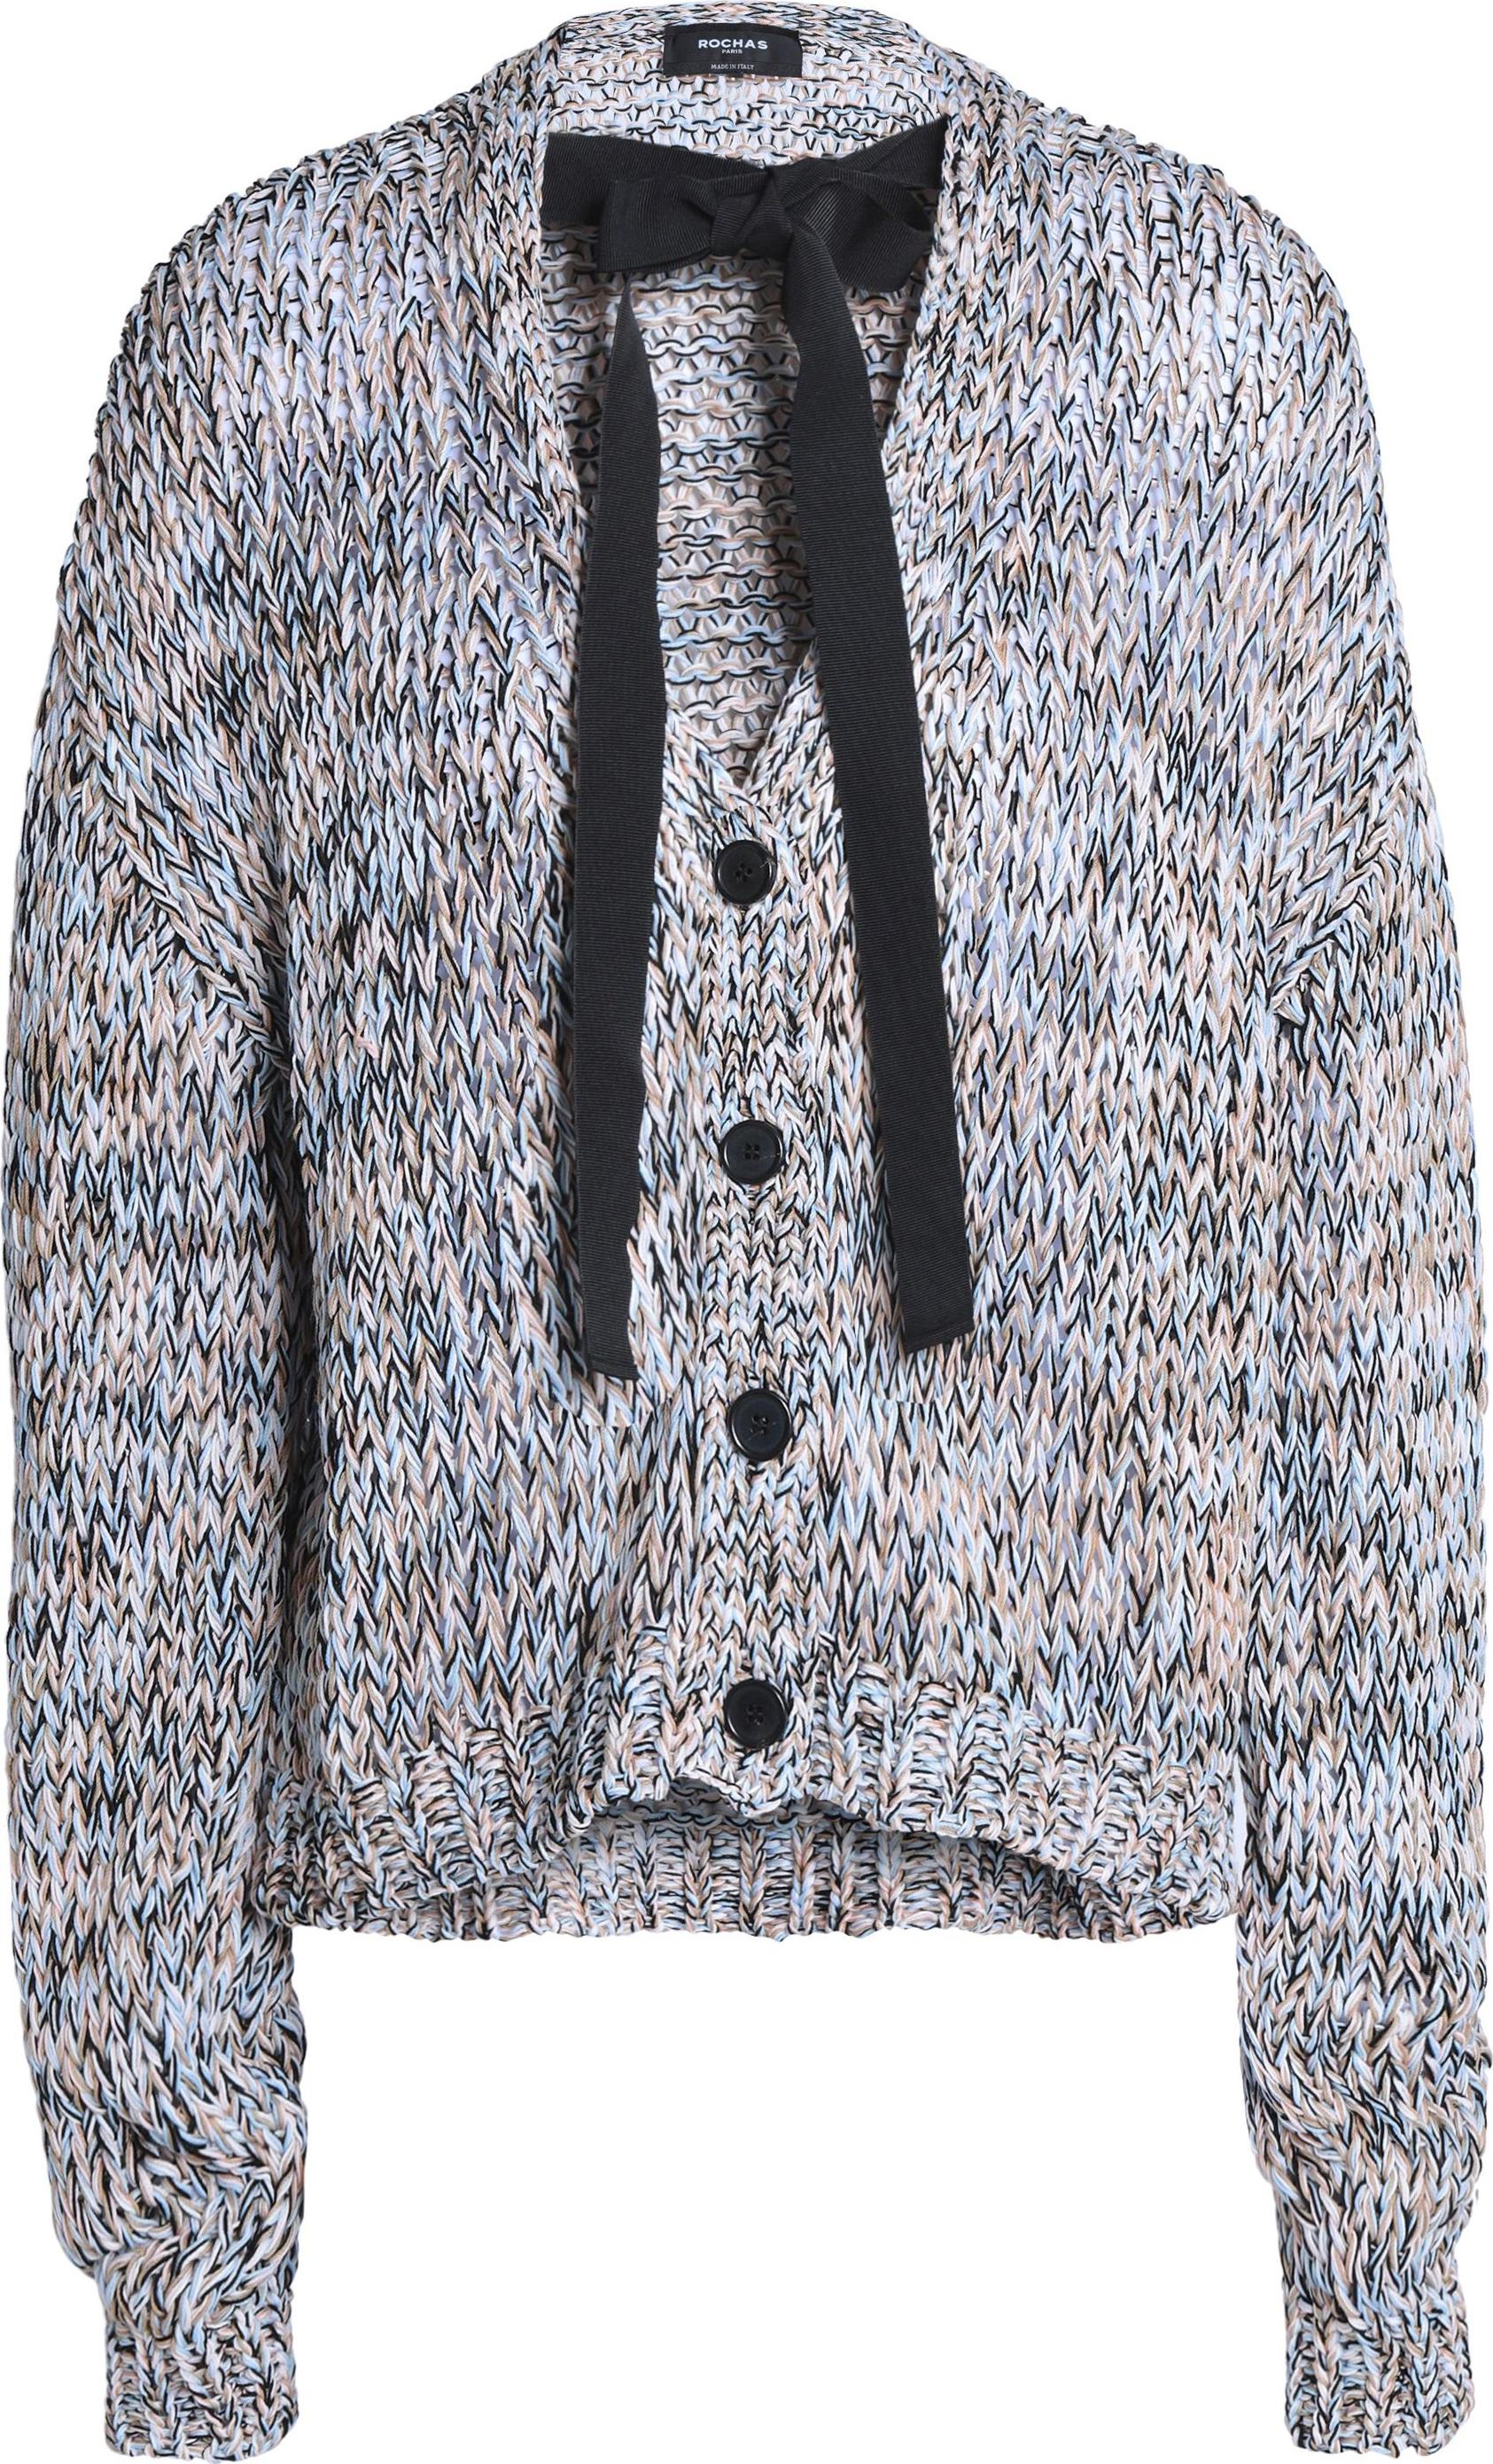 d51c1877ac ROCHAS Mélange cotton cardigan - Mkt